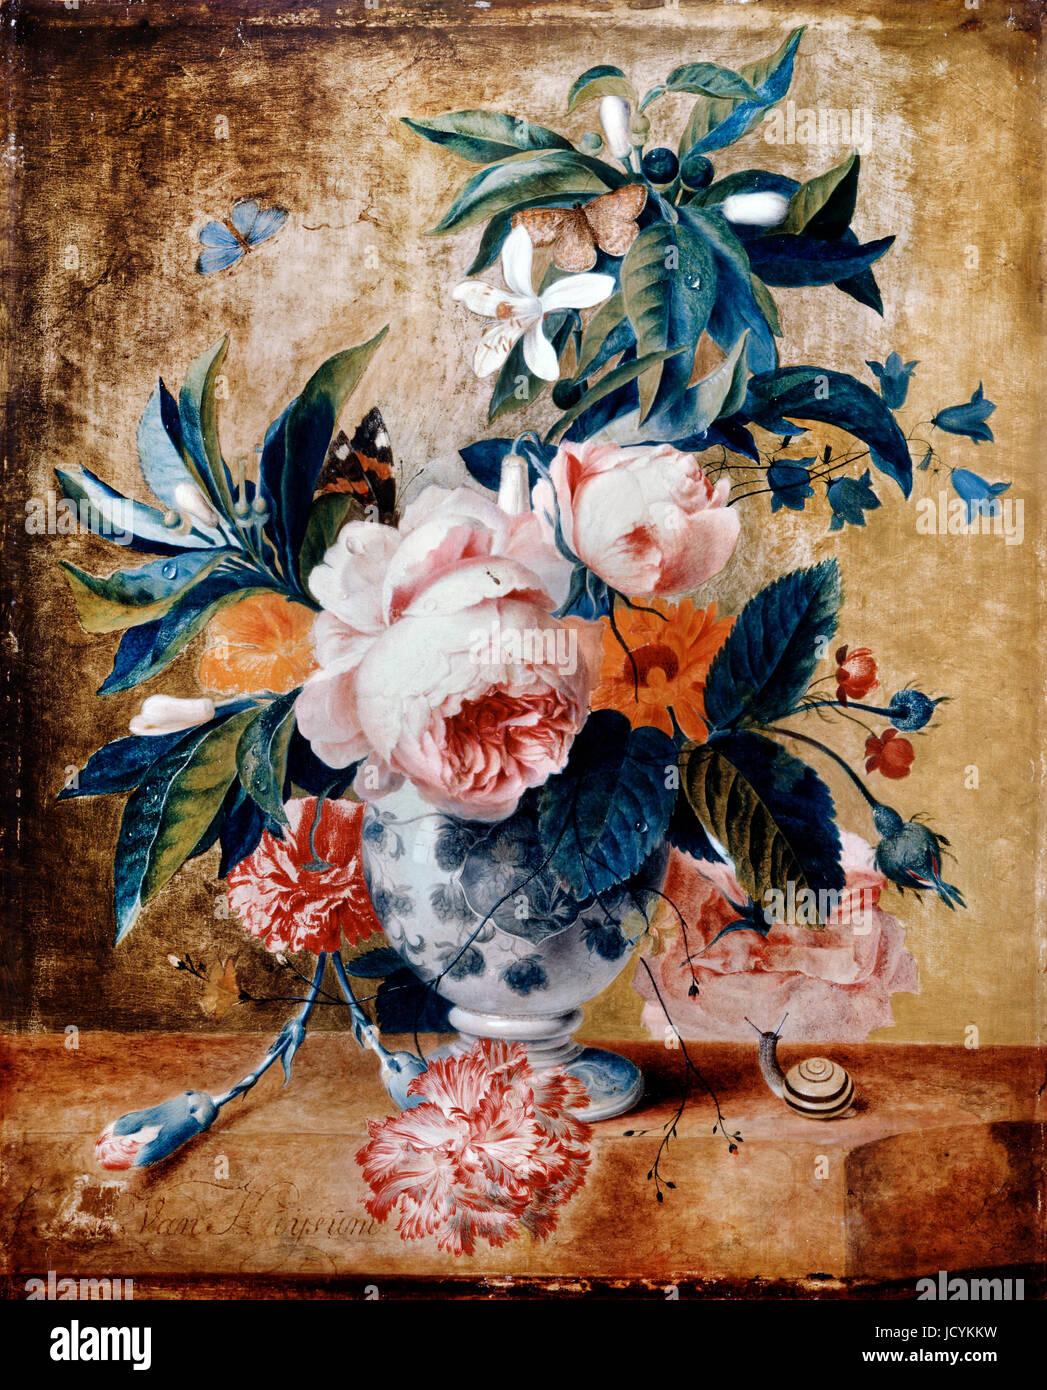 Jan van Huysum, un vase de Delft avec des fleurs. Circa 1730. Huile sur panneau. Dulwich Picture Gallery, Londres, Angleterre. Banque D'Images